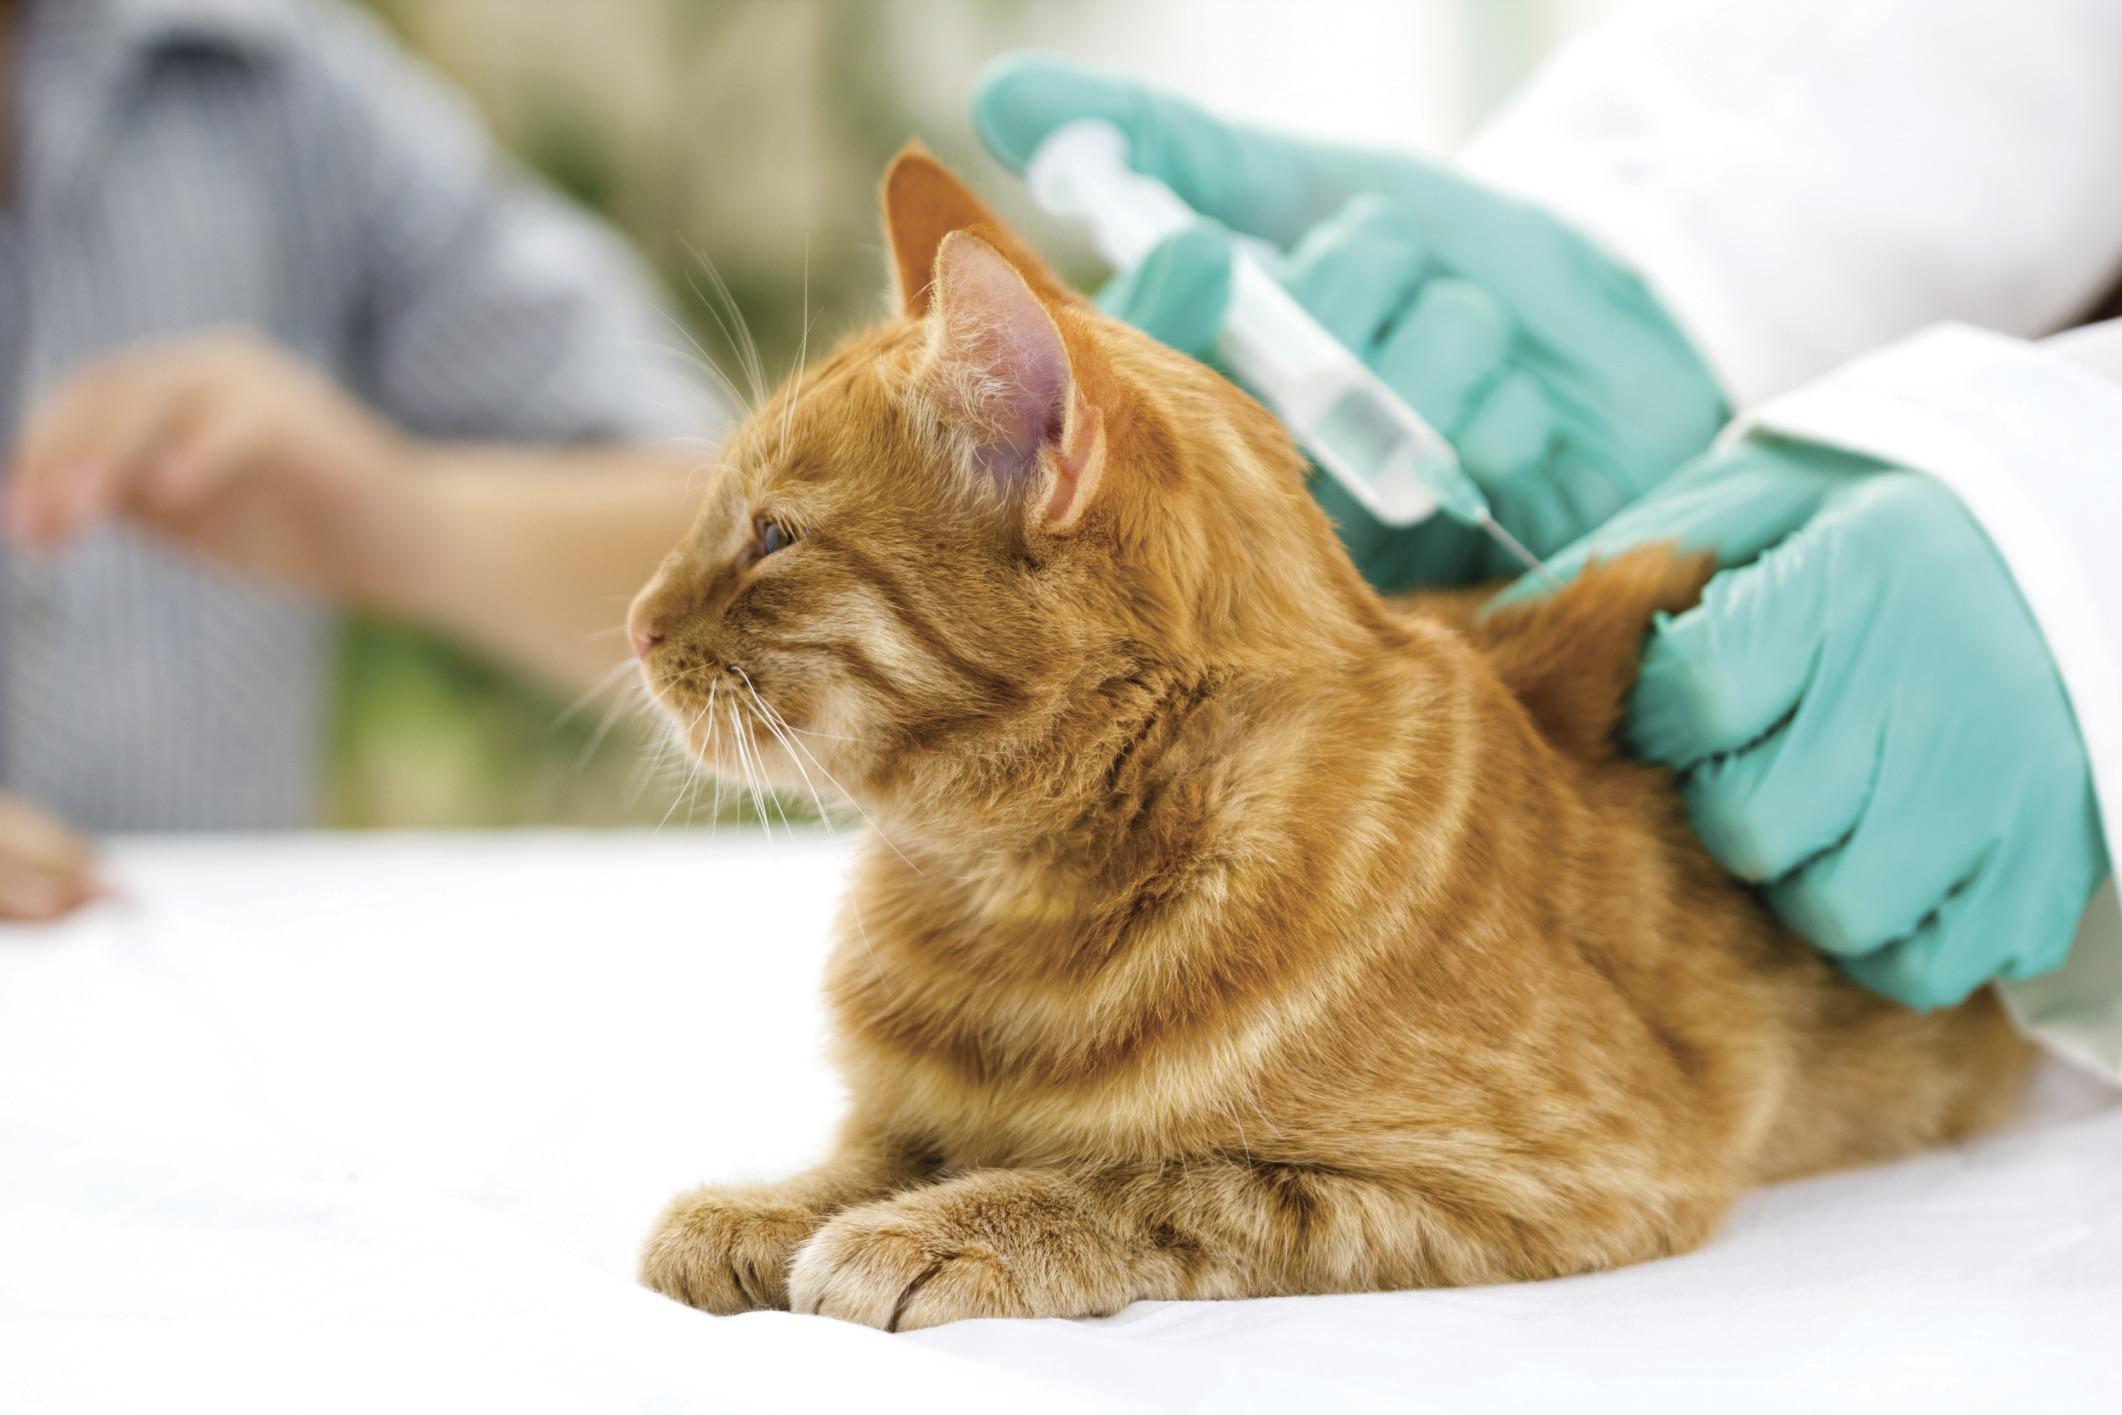 Введение вакцины в холку животного